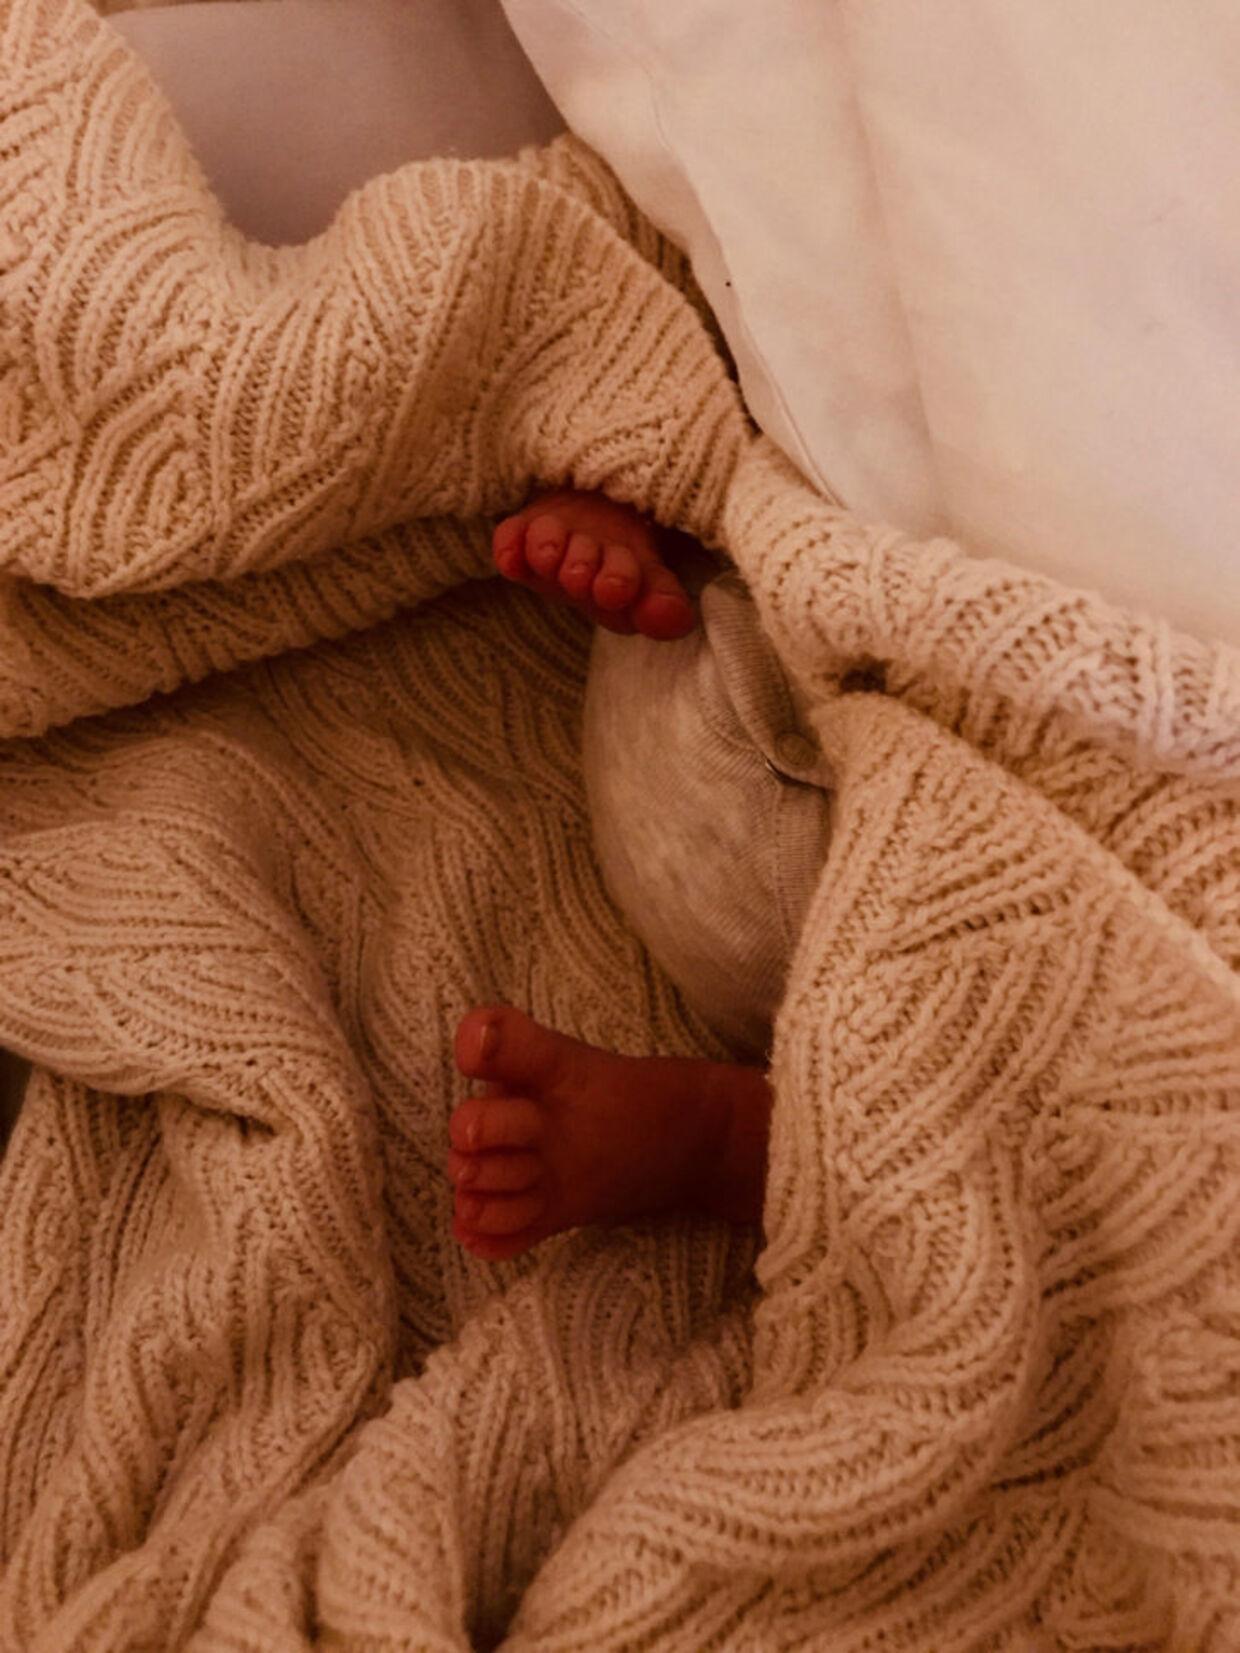 Jeanette Ottesens nyfødte datter viser fødderne frem.